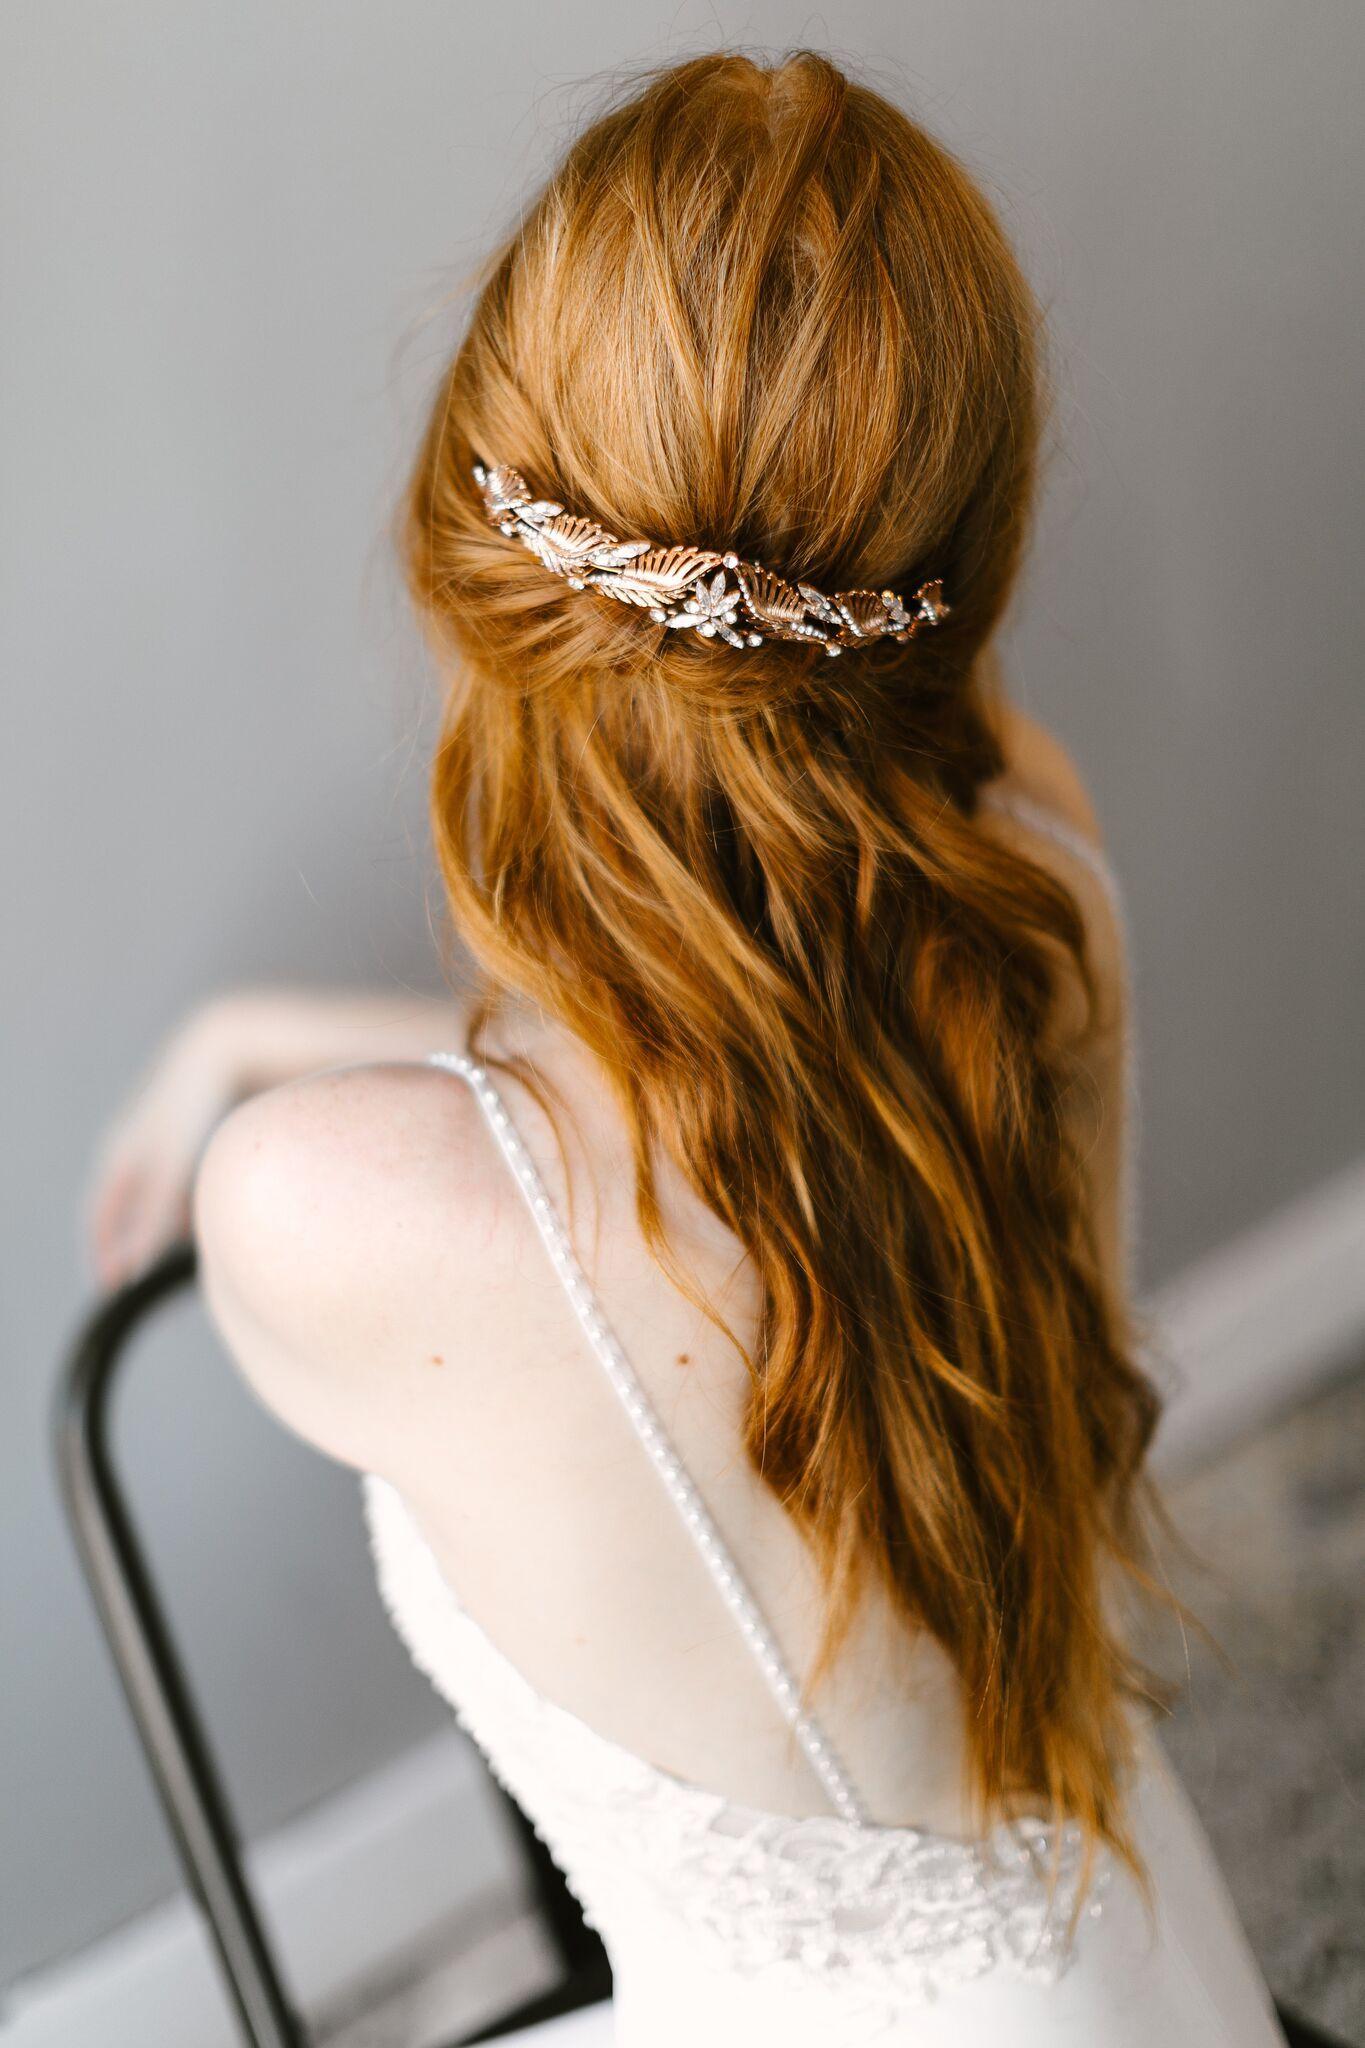 Reyes Tiara Untamed Petals Wedding Accessories